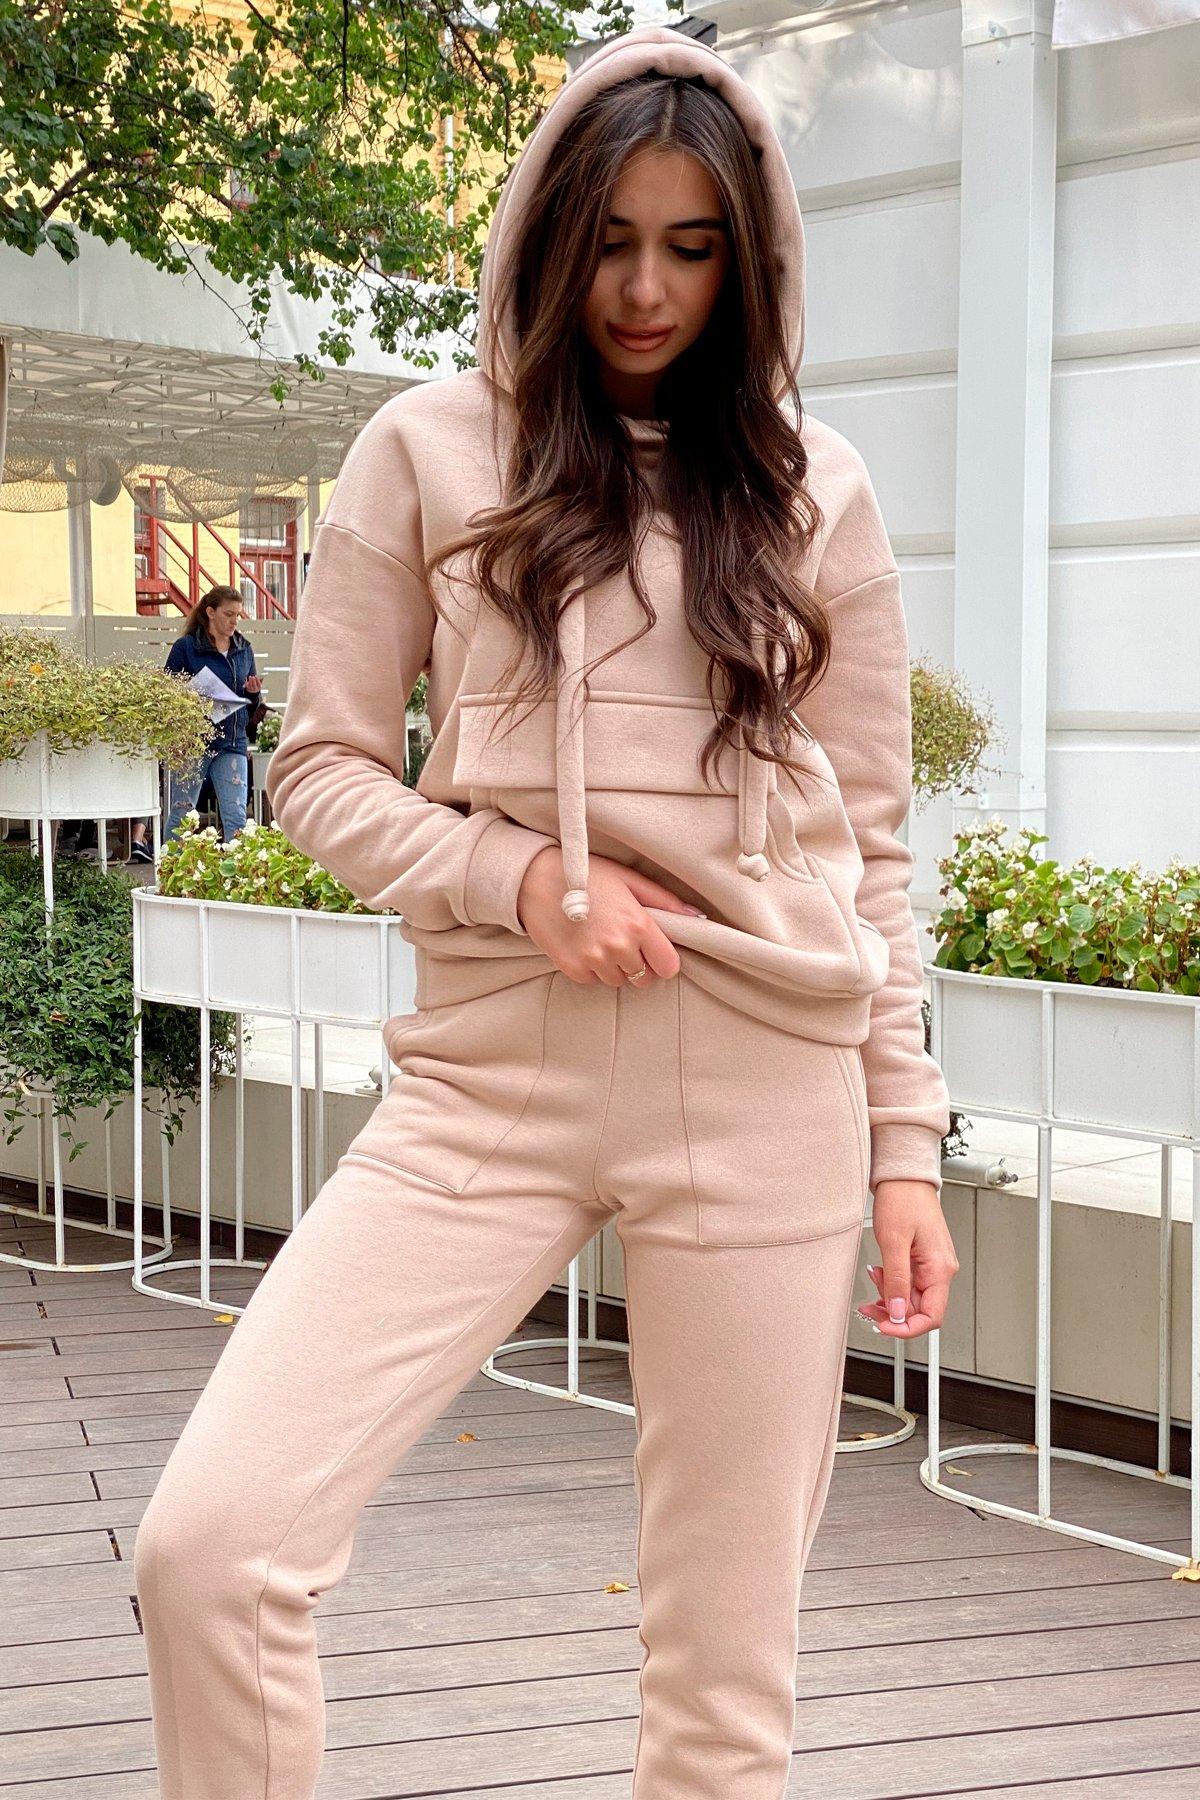 Бруклин  прогулочный костюм 3х нитка с начесом  9663 АРТ. 46213 Цвет: Бежевый - фото 4, интернет магазин tm-modus.ru